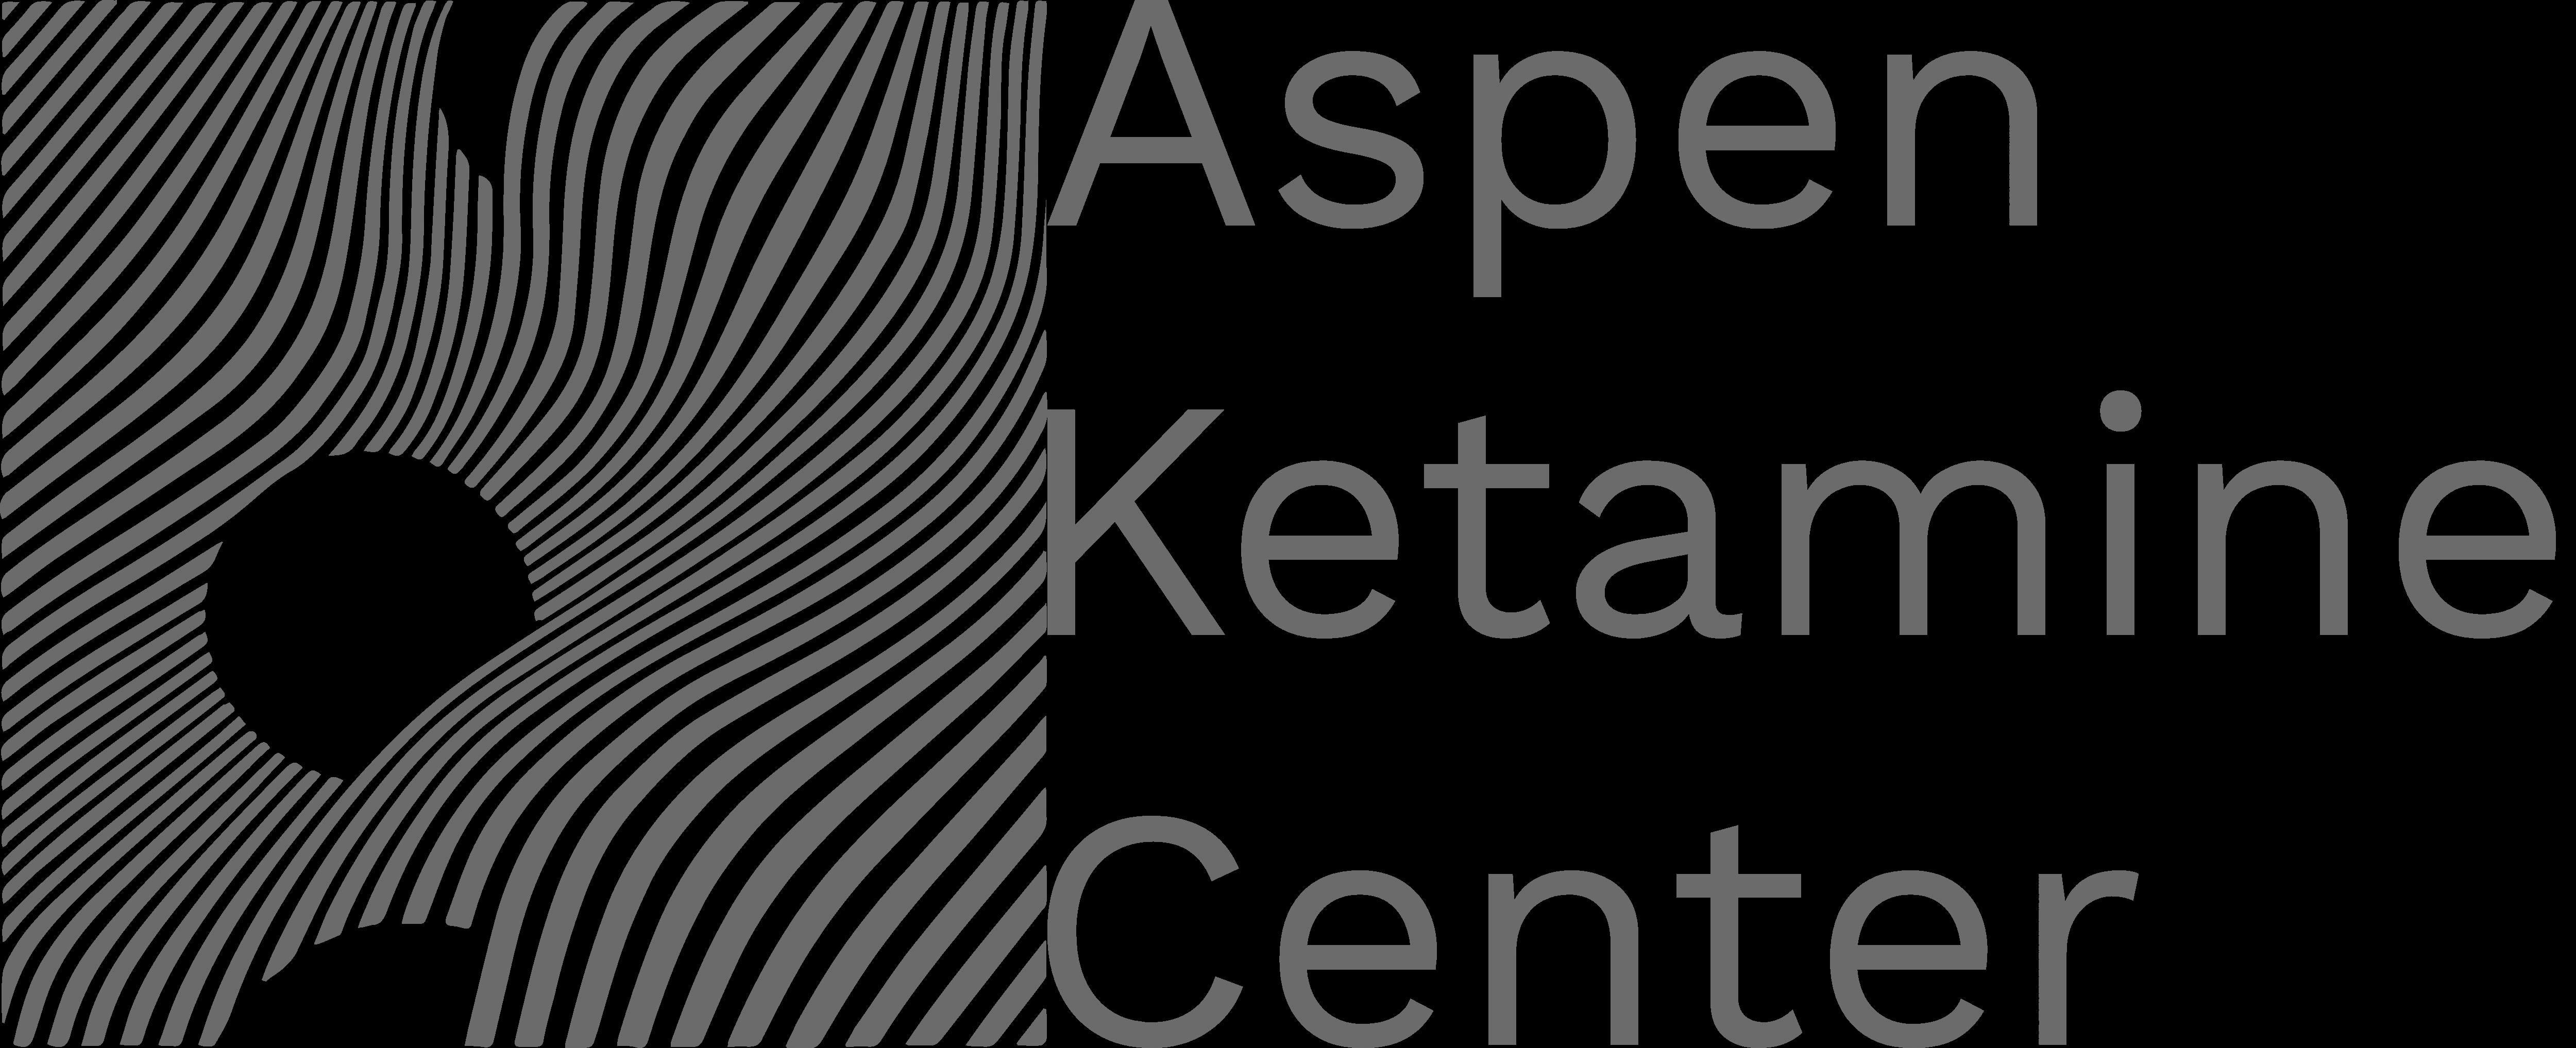 Aspen Ketamine Center